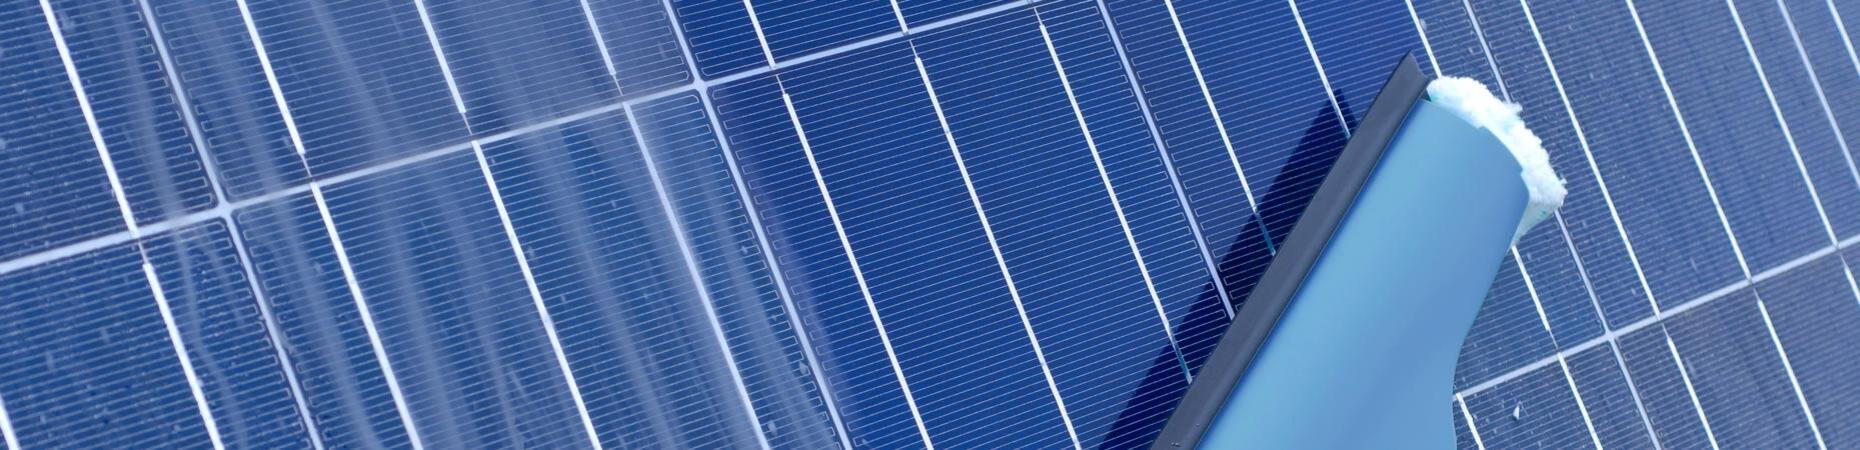 ecoservice-modena it pulizie-pannelli-solari-modena 005